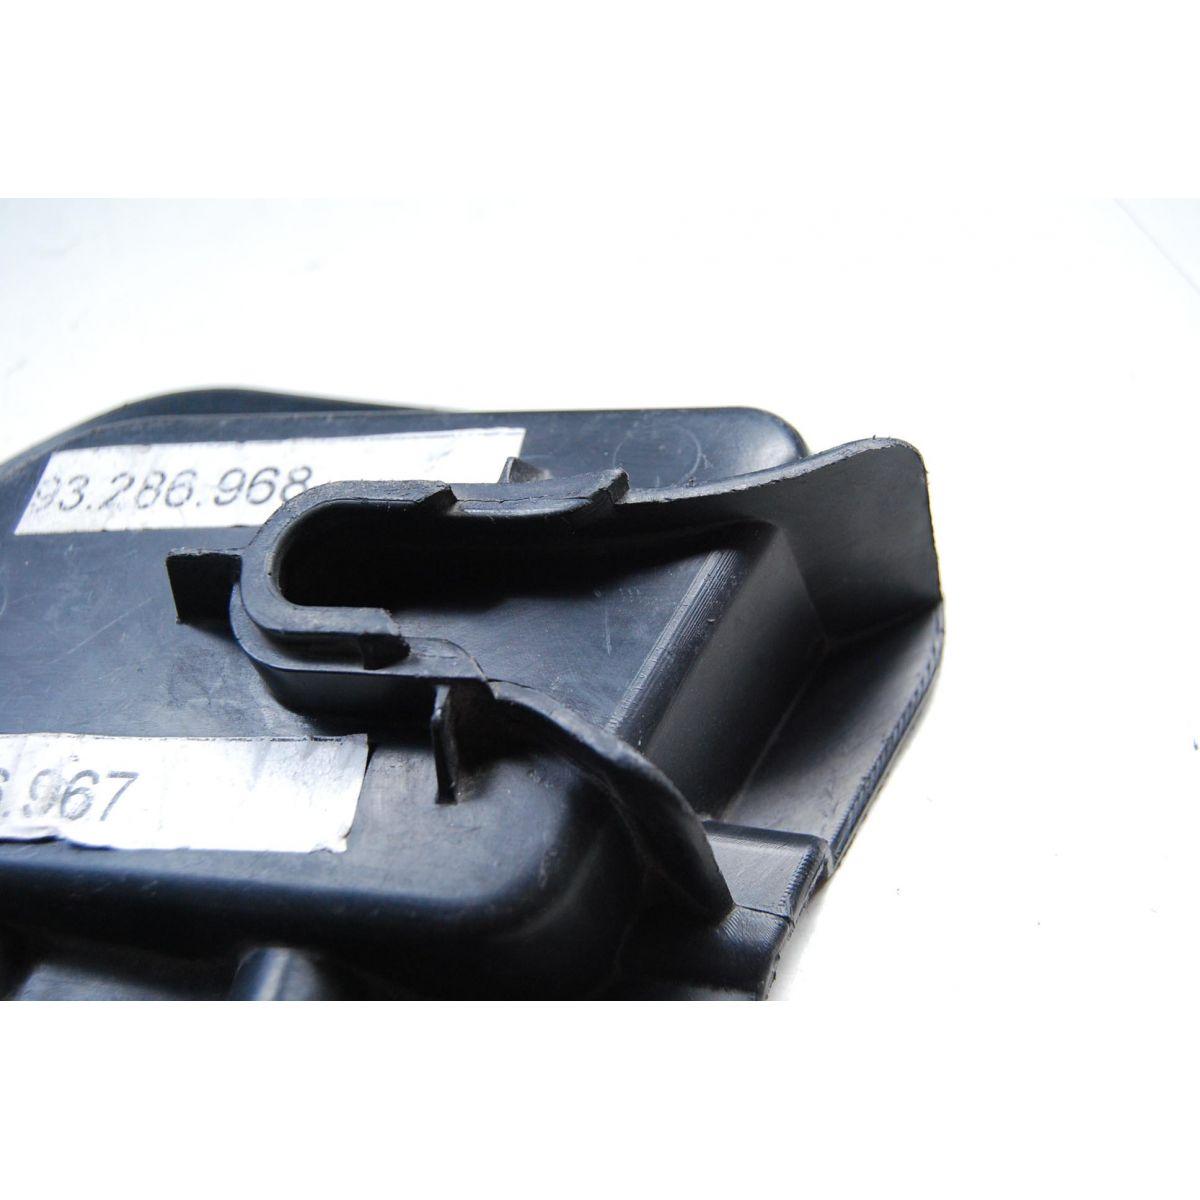 Guia Parachoque Dianteiro S10 12 a 14 Lado Direito  - Amd Auto Peças